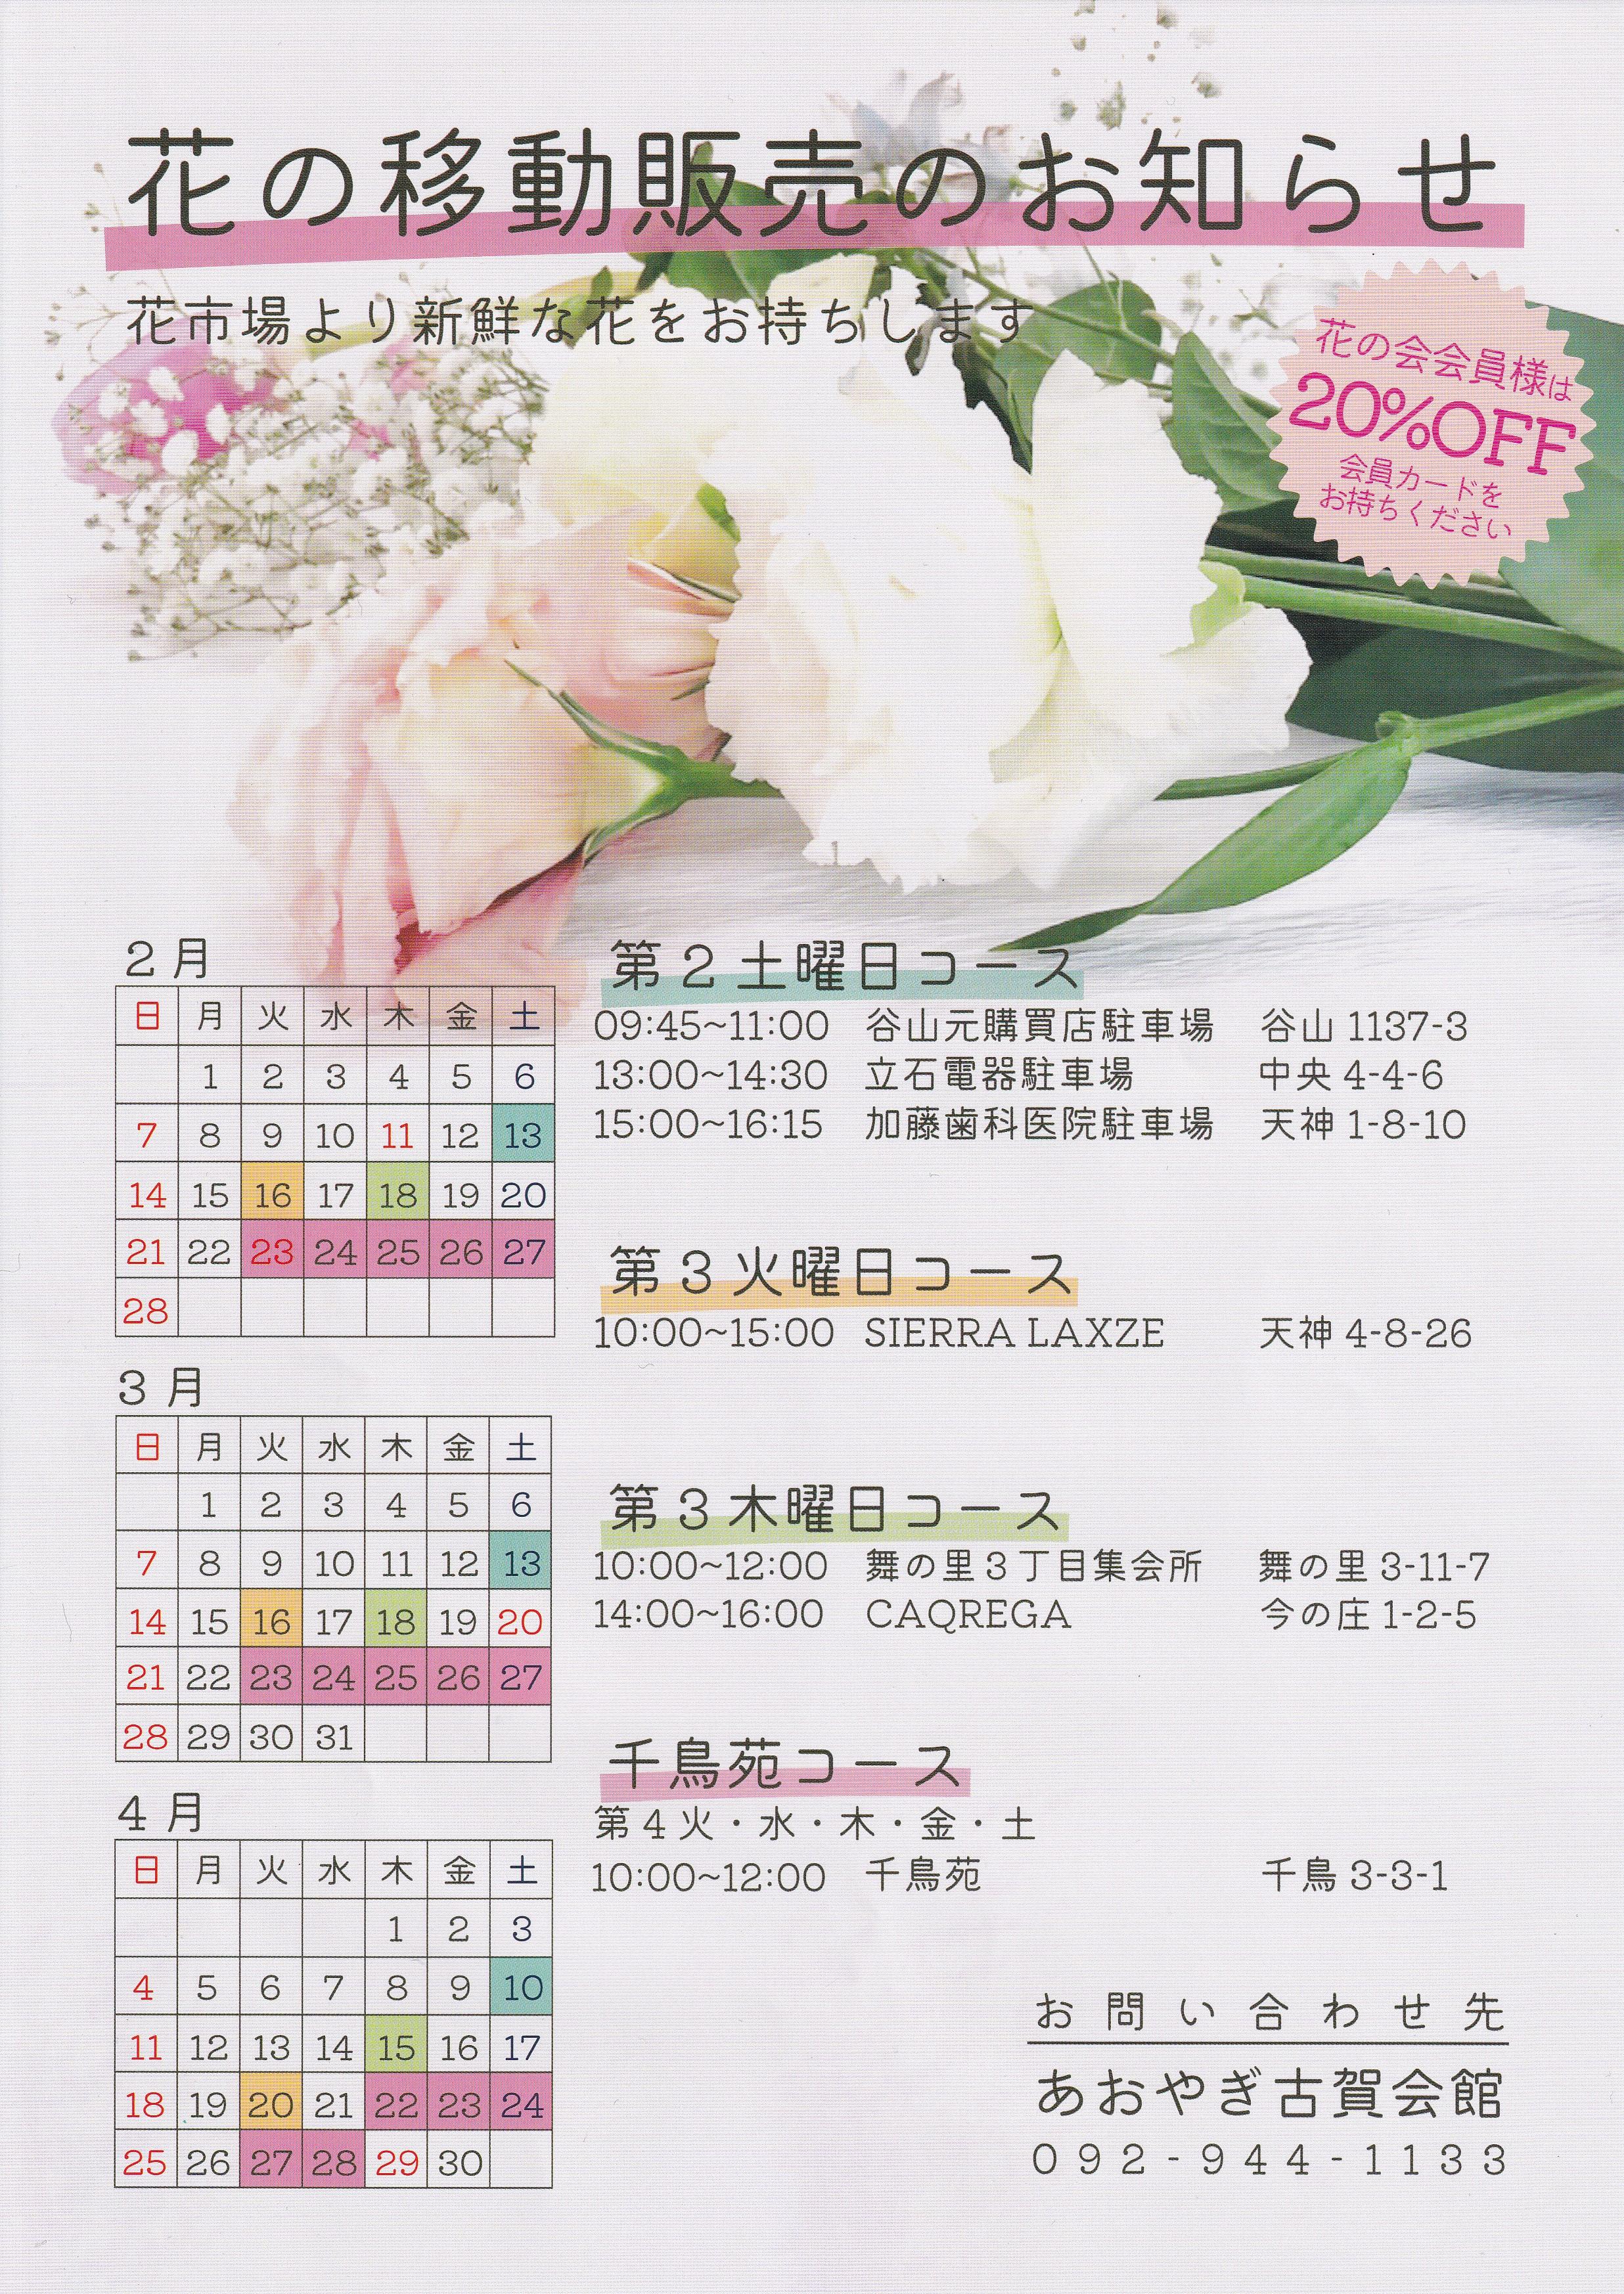 イメージ:お花の移動販売のお知らせ